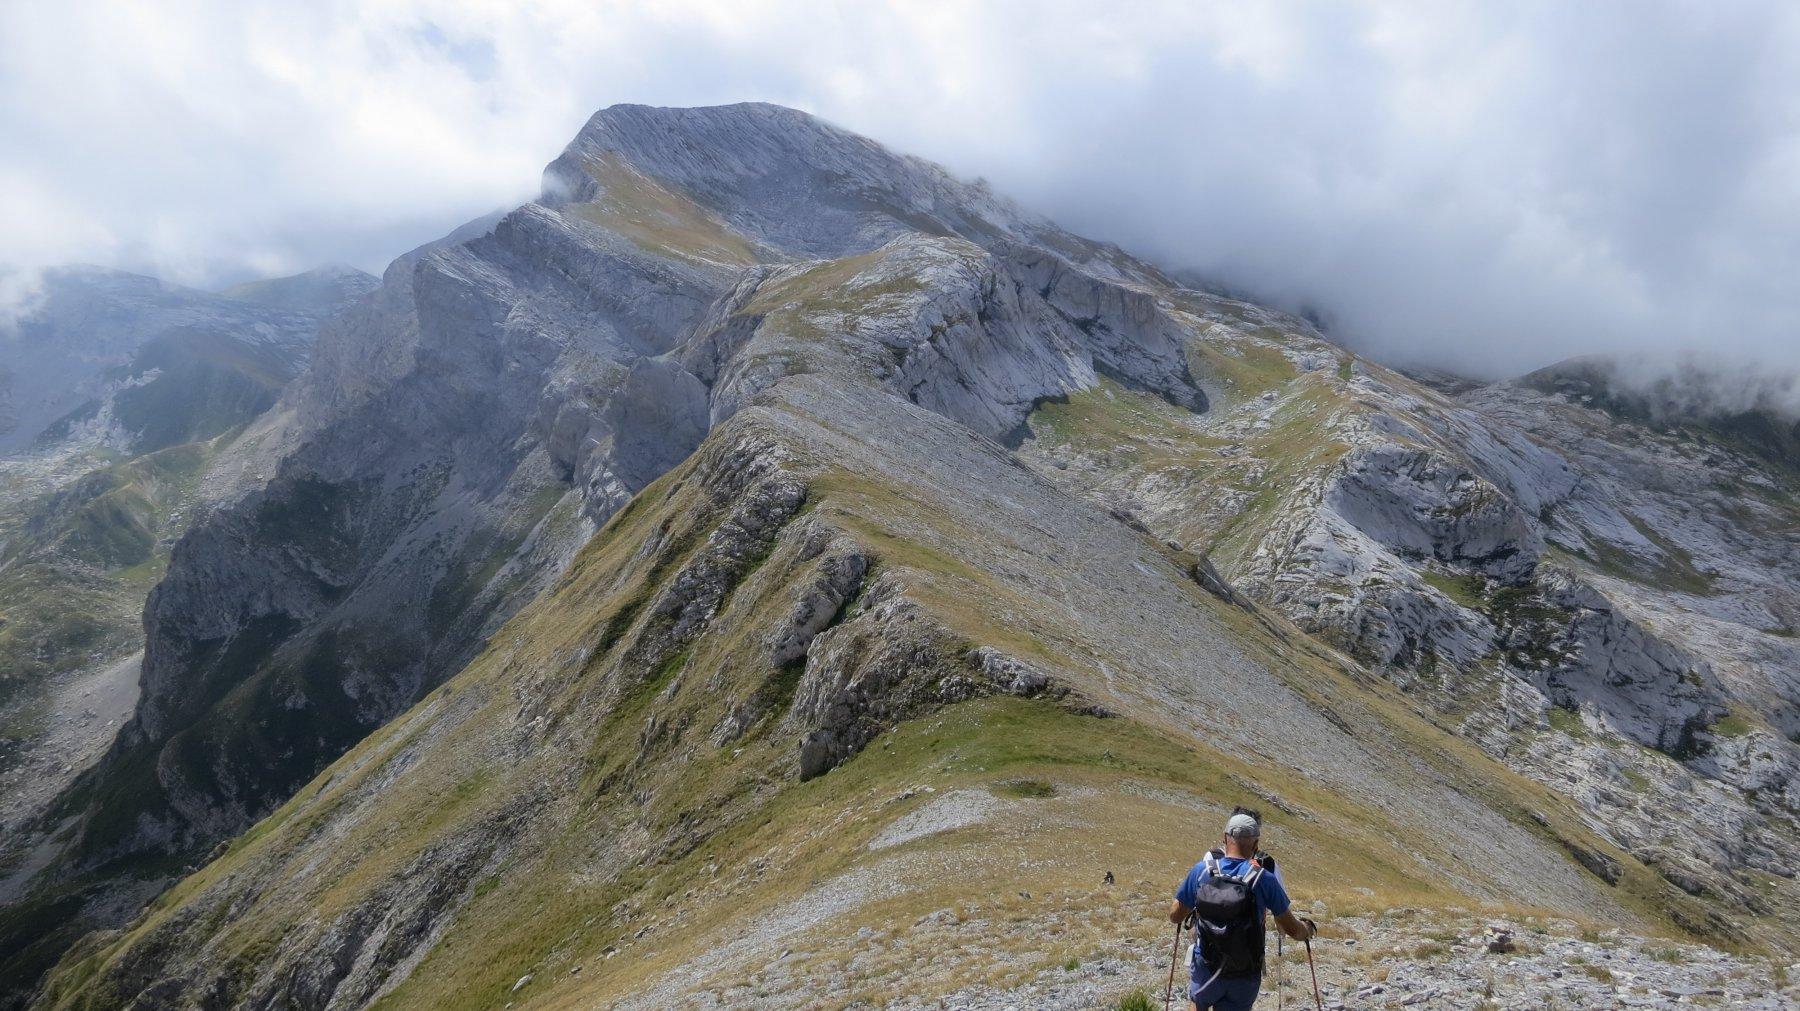 Da cima Brignola si vede a Sud la cresta del Mongioie e la leggera traccia che scende alla conca erbosa alla sua destra